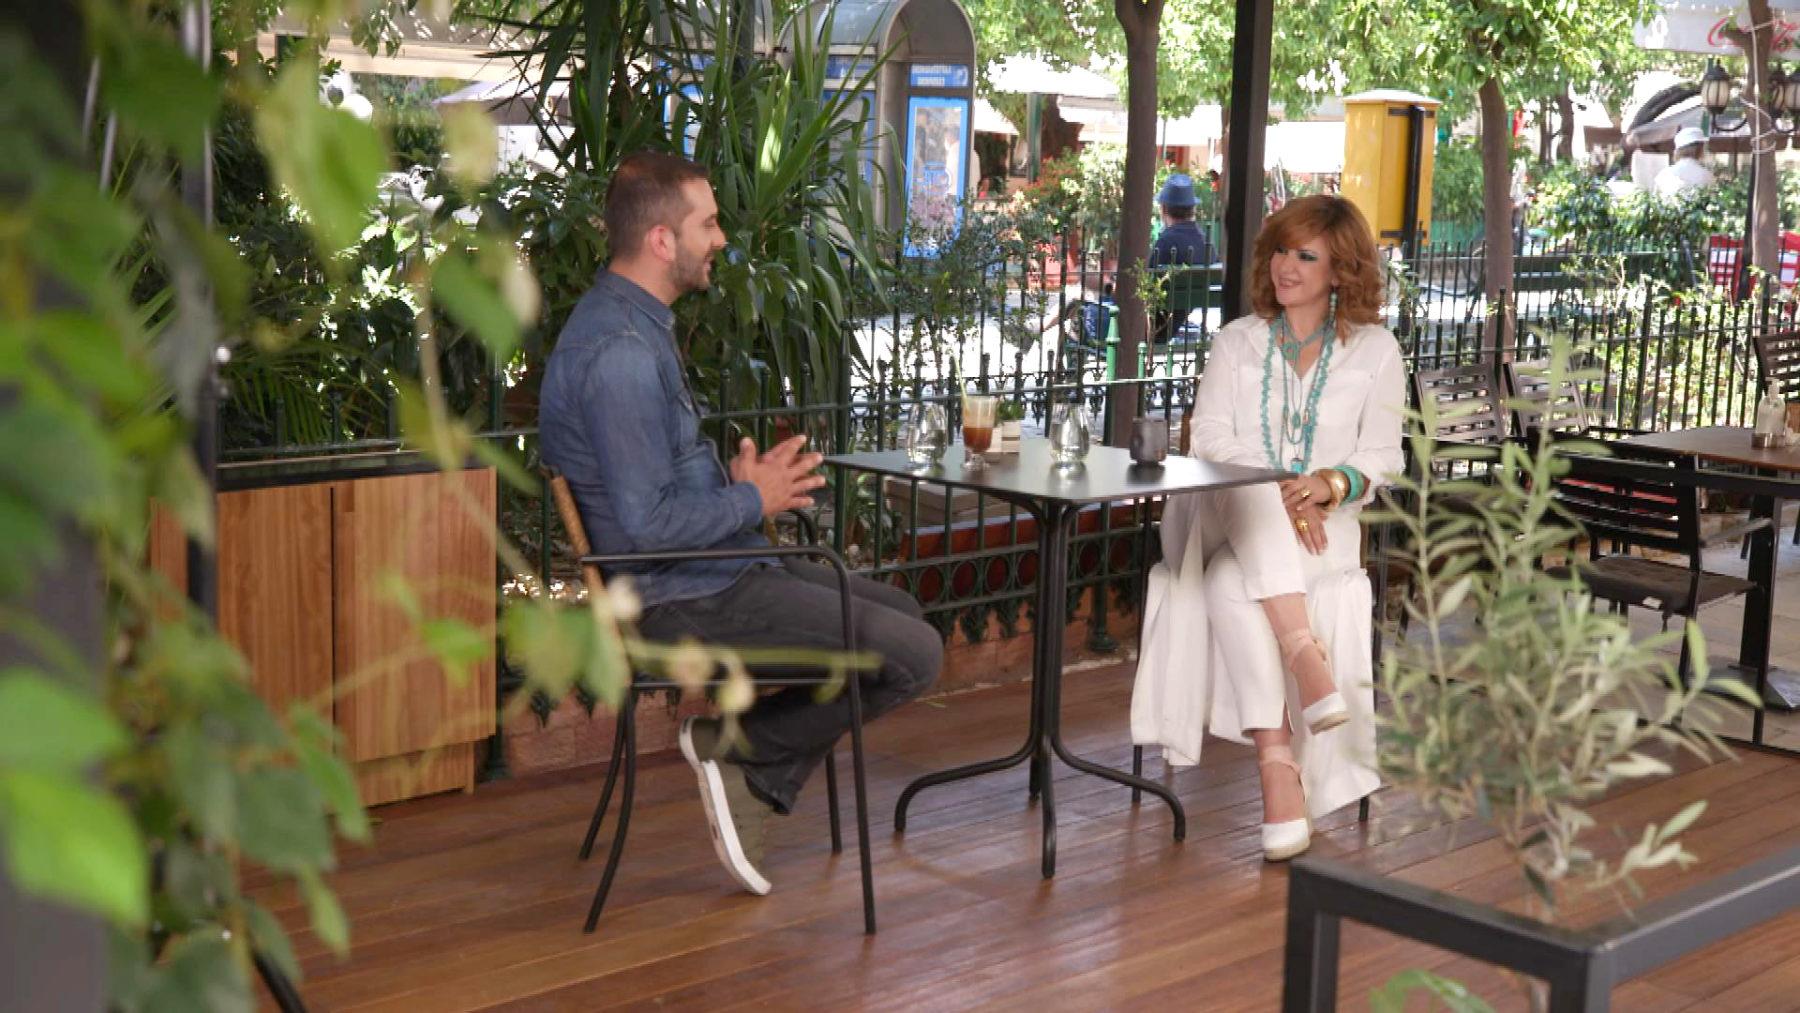 Ο Λεωνίδας Κουτσόπουλος : «Προσωπικά» με την Έλενα Κατρίτση